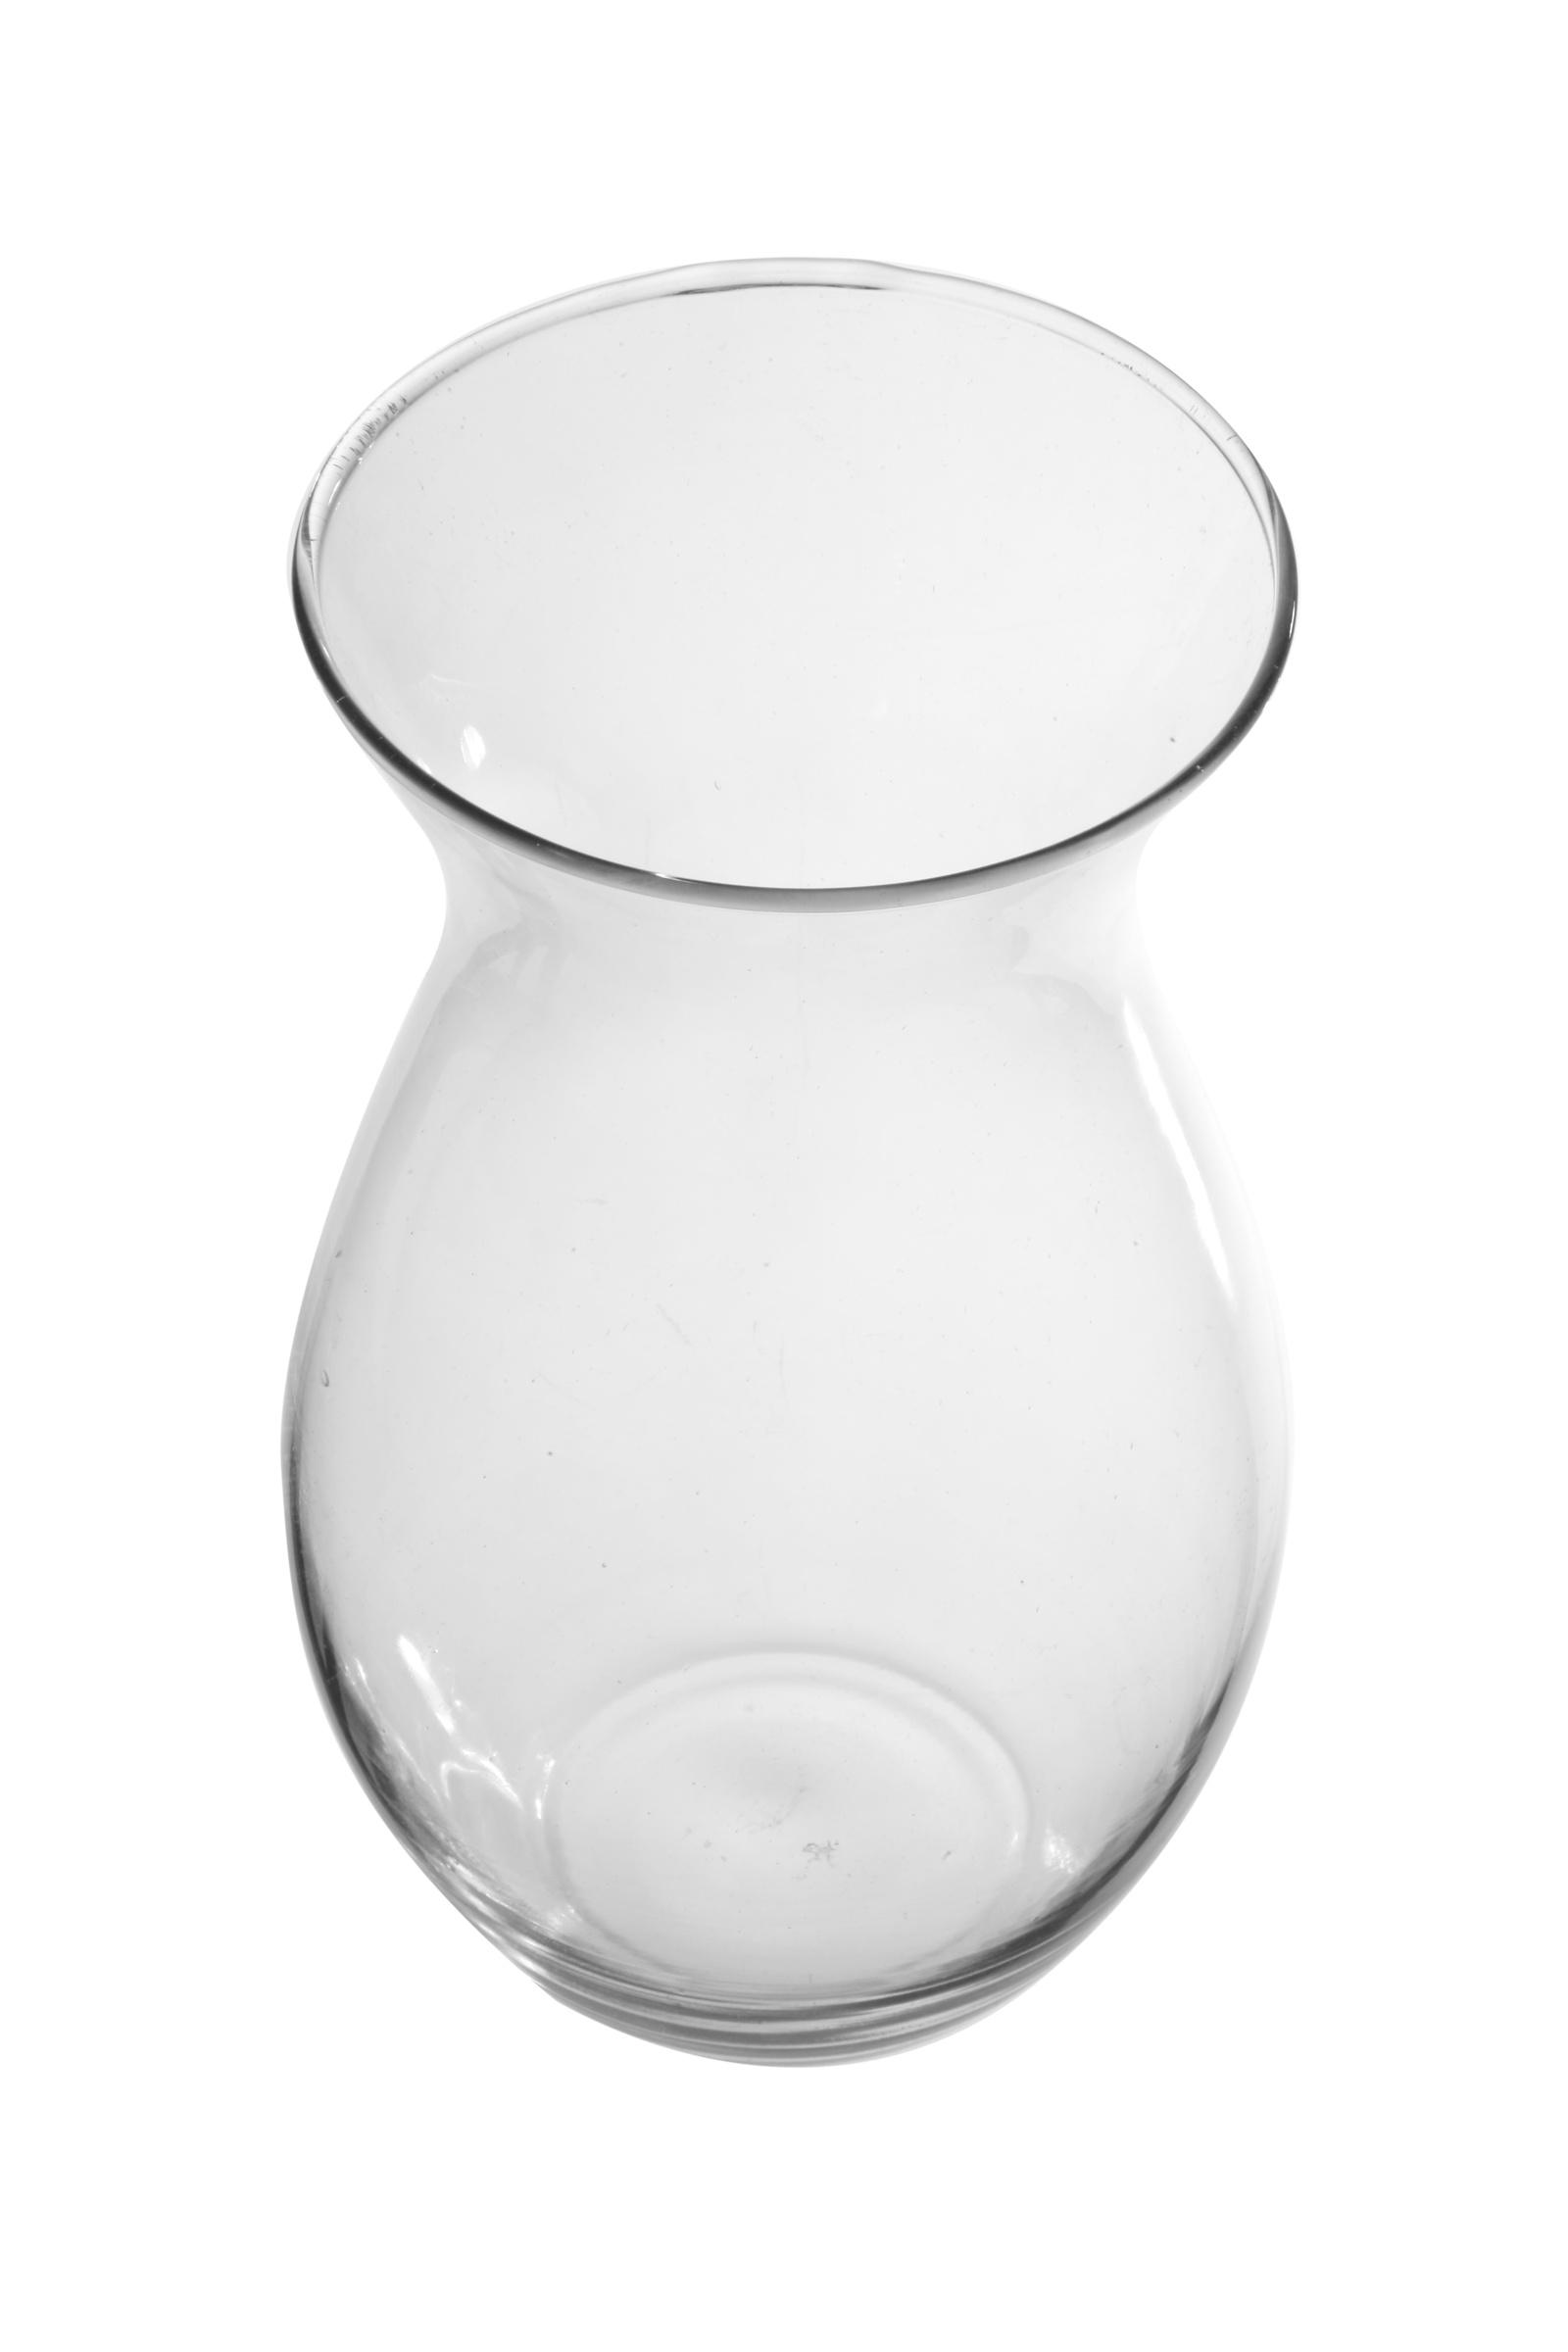 Ваза IsmatDecor Стеклянная ваза, ST-7 прозрачный, прозрачный